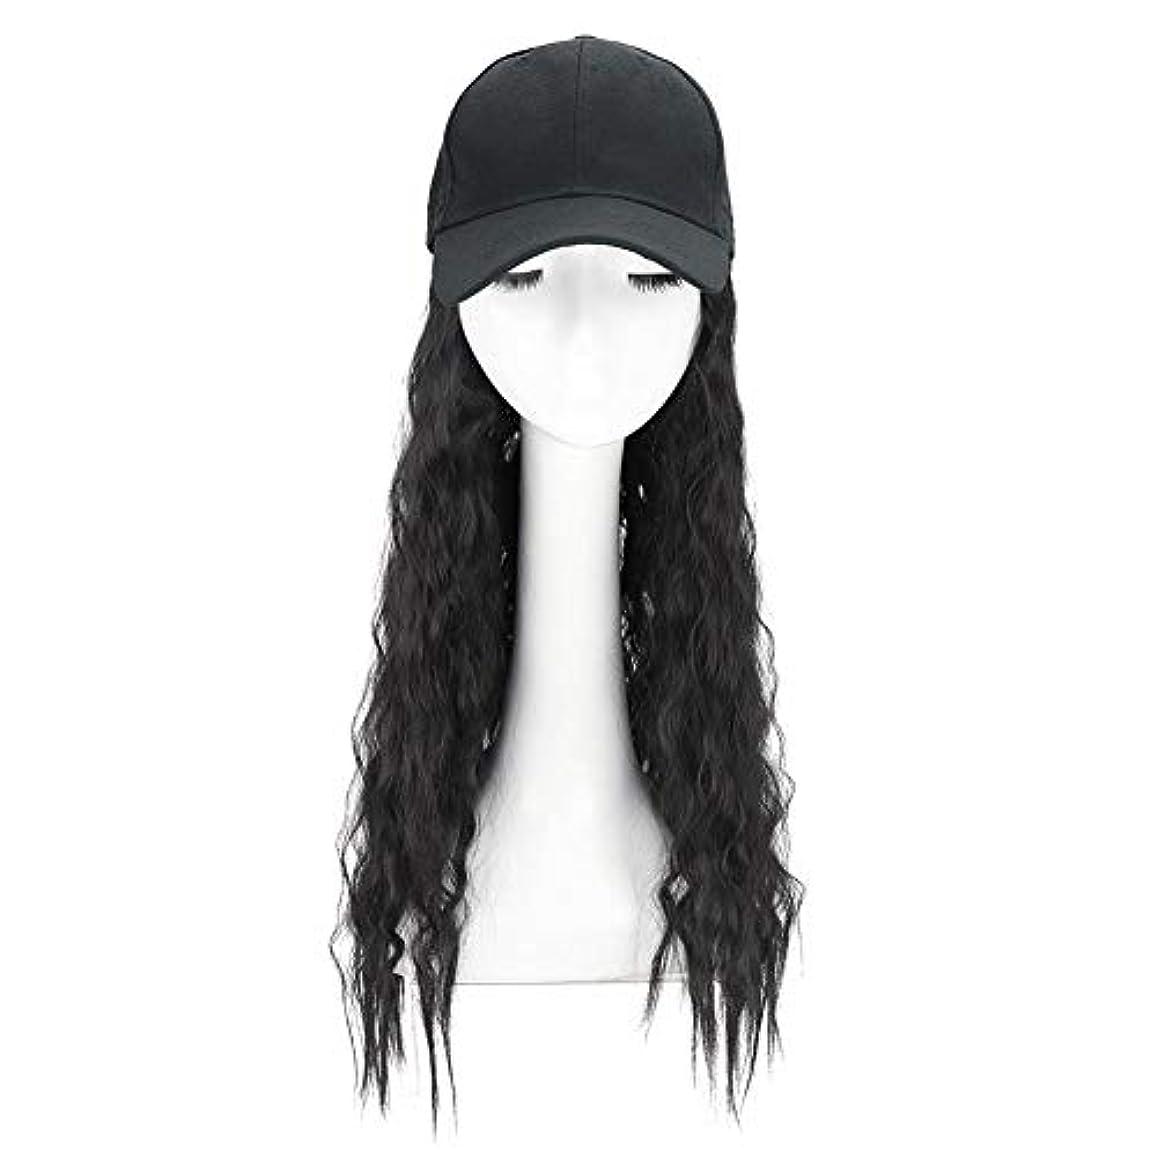 新しい意味やりすぎ連合Brill(ブリーオ)帽子ロングカーリーウェーブ女性ファッション野球帽ブラックウィッグ